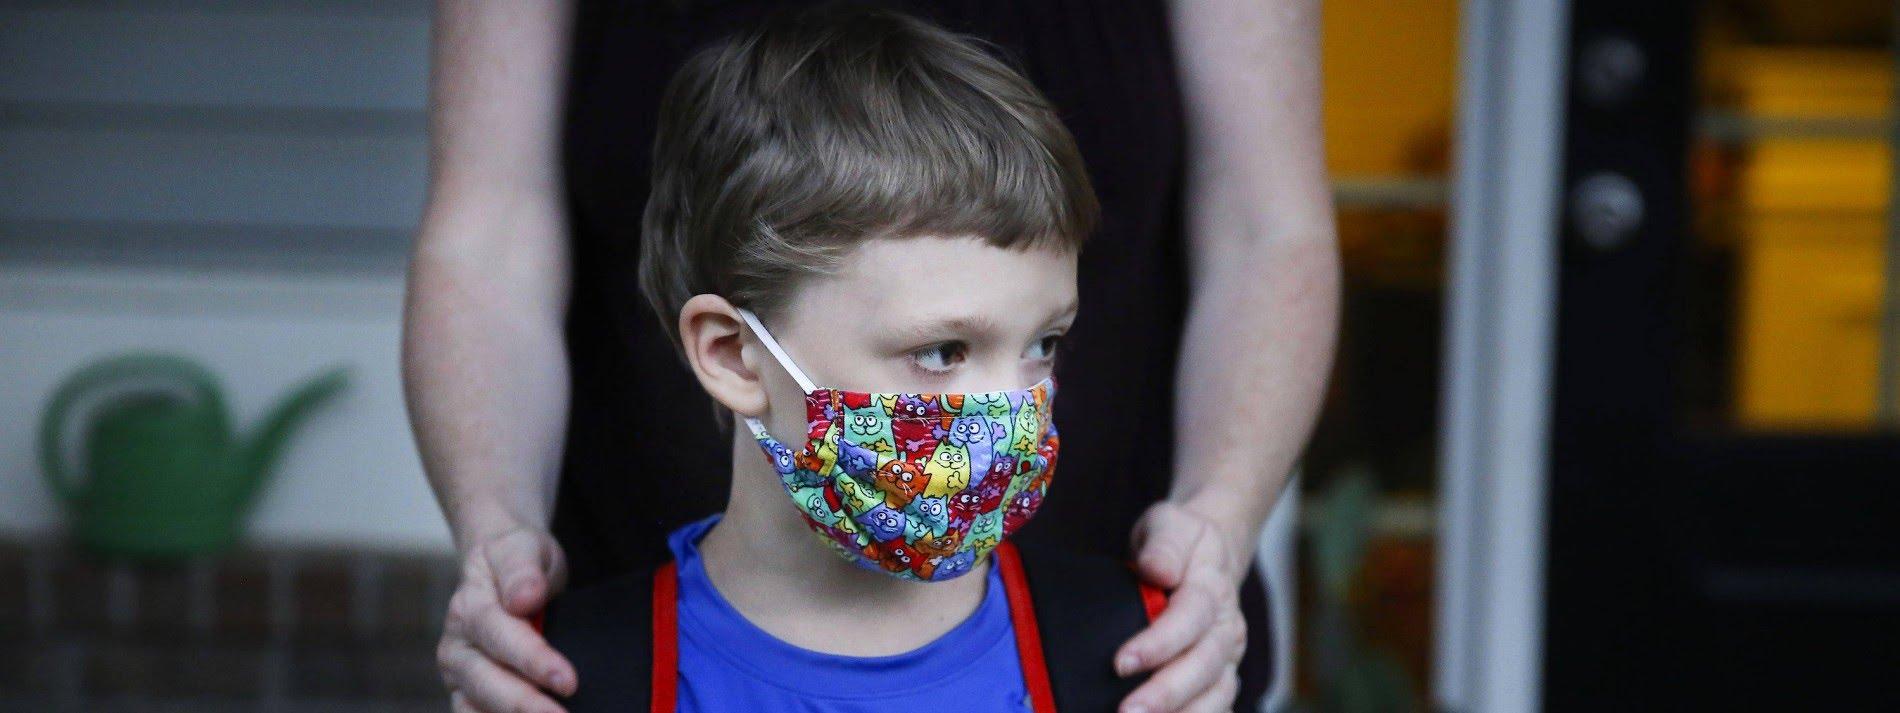 Kinder in aller Wert: Auch im amerikanischen Bundesstaat Georgia müssen Kinder im Schulbus Masken tragen